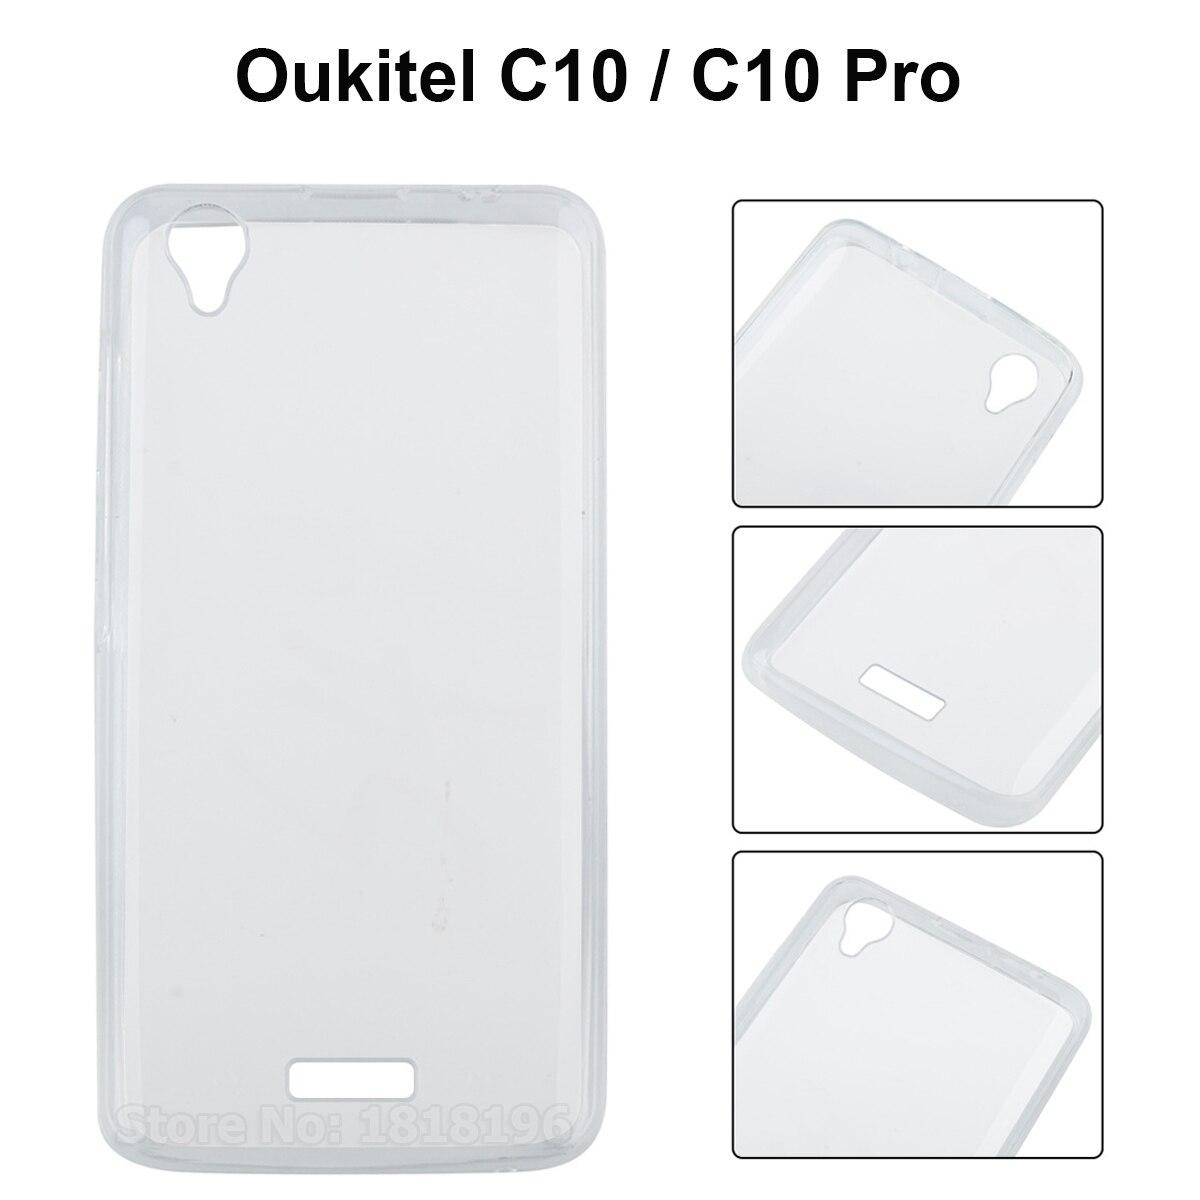 Купить Oukitel C10 5,5 чехол Полная защита противоударный ТПУ силиконовый прозрачный задняя крышка для Oukitel C10/C10 Pro Чехол для смартфонов Coque на Алиэкспресс